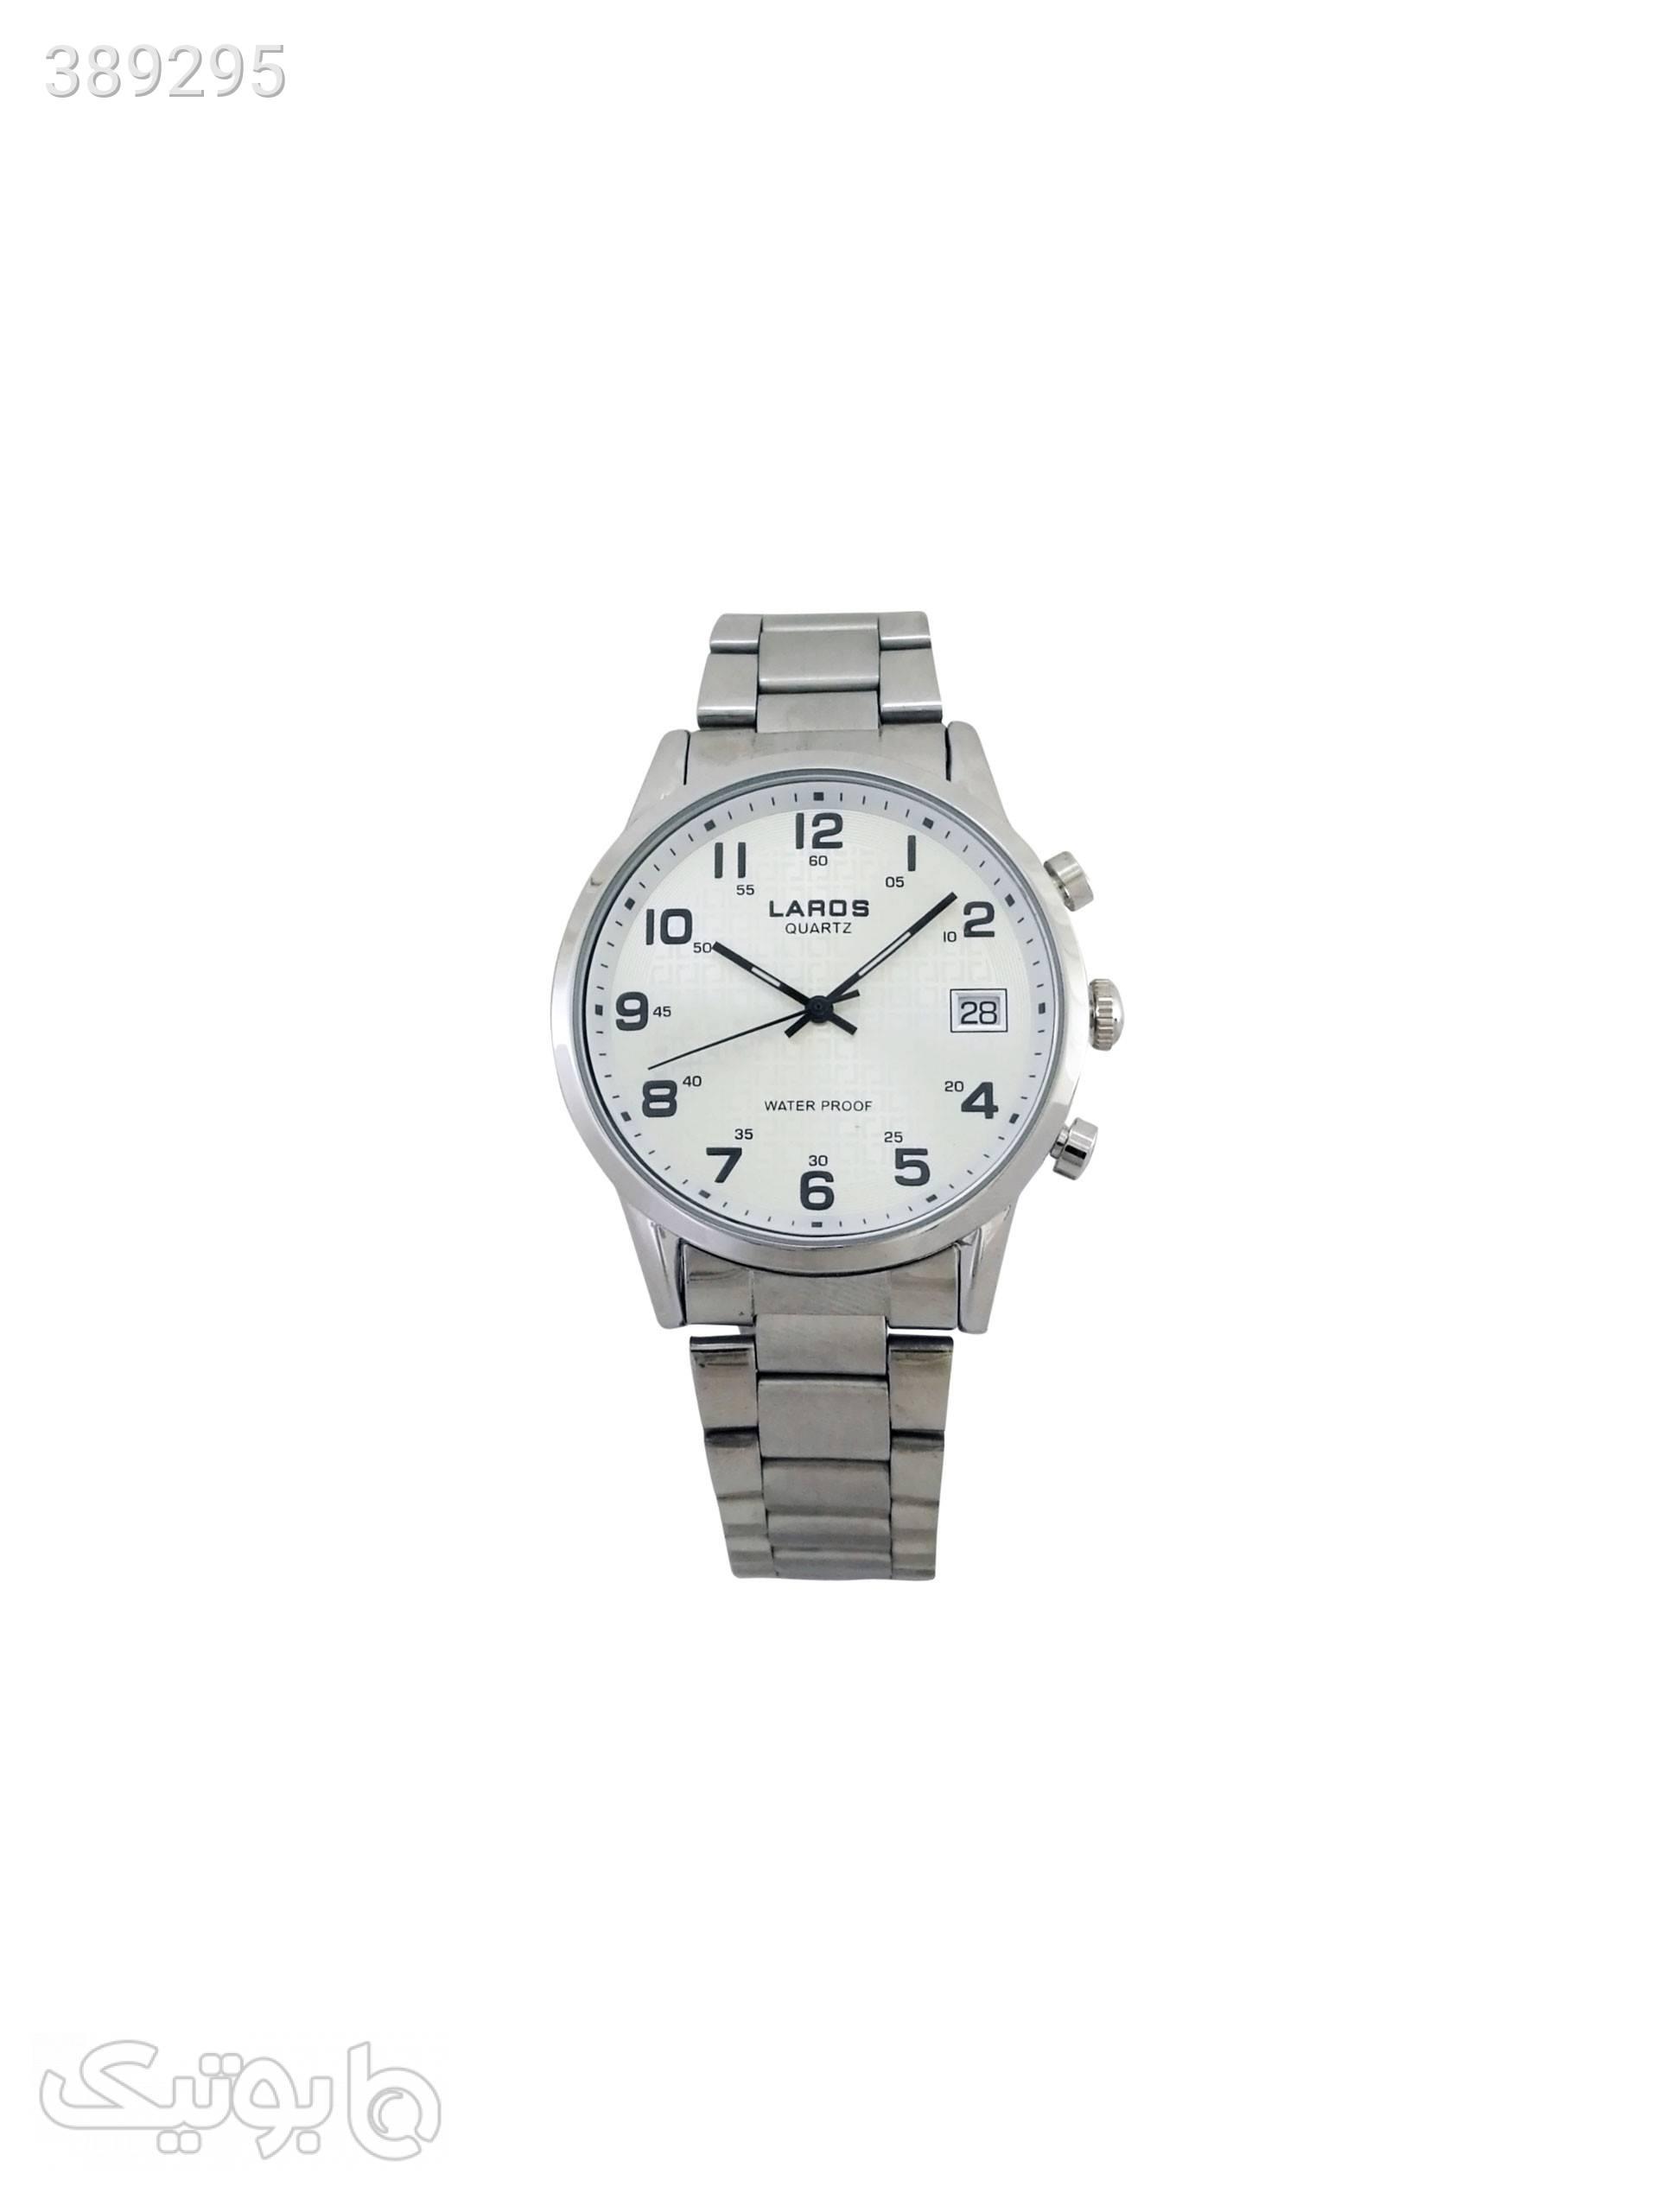 ساعت مچی عقربه ای مردانه لاروس مدل 0917-80095-d به همراه دستمال مخصوص برند کلین واچ نقره ای ساعت